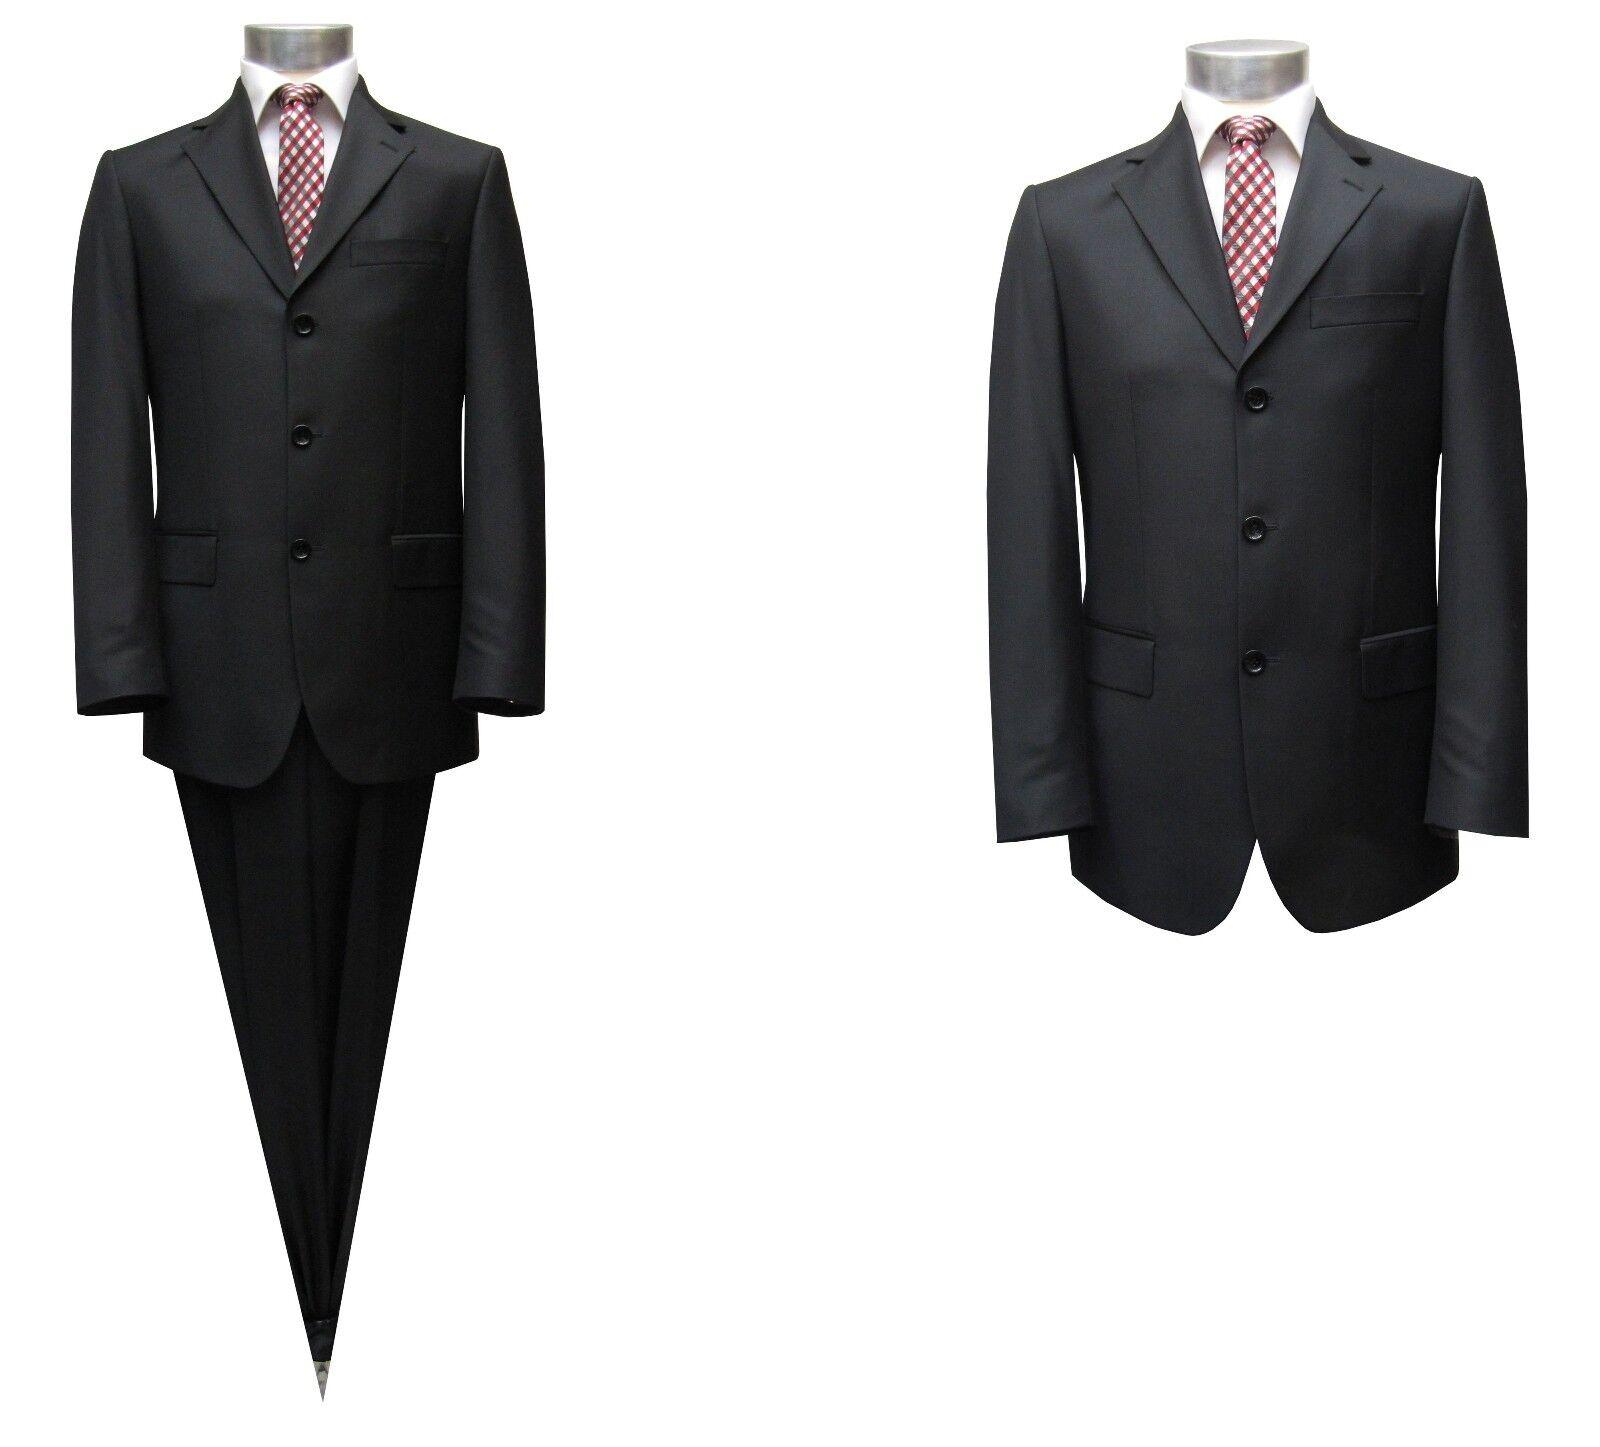 Moderne Herrenanzug Gr.90 Schwarz  | Reichhaltiges Design  | Praktisch Und Wirtschaftlich  | Sale